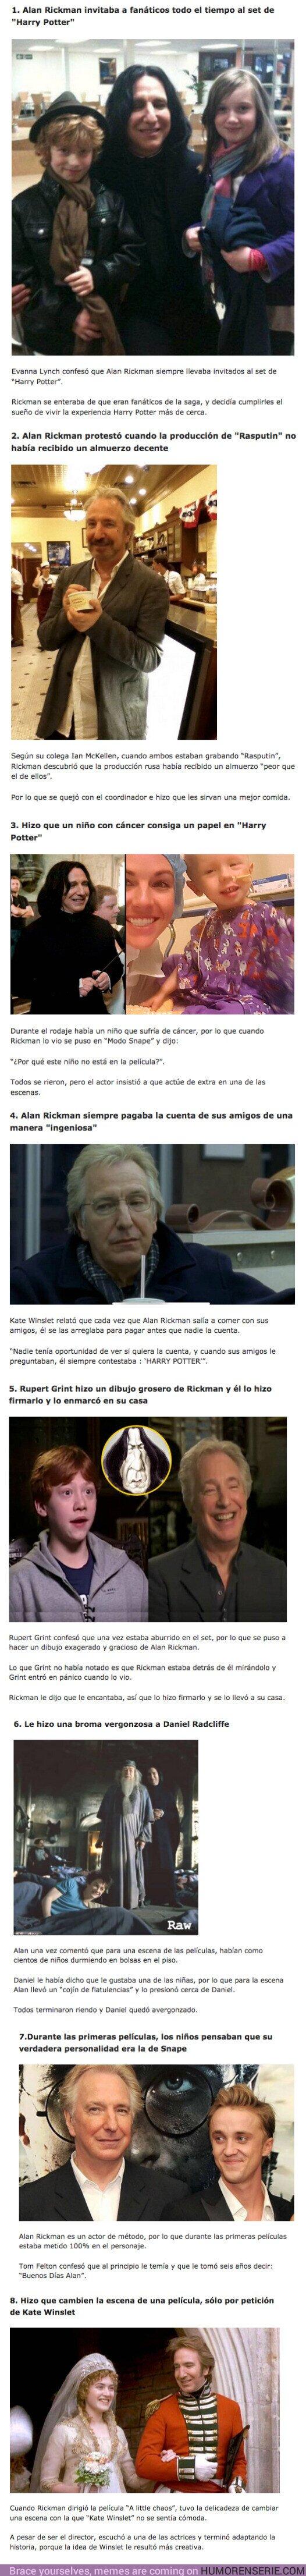 76931 - GALERÍA: 8 ejemplos que demuestran que Alan Rickman es el actor más tierno de Hollywood